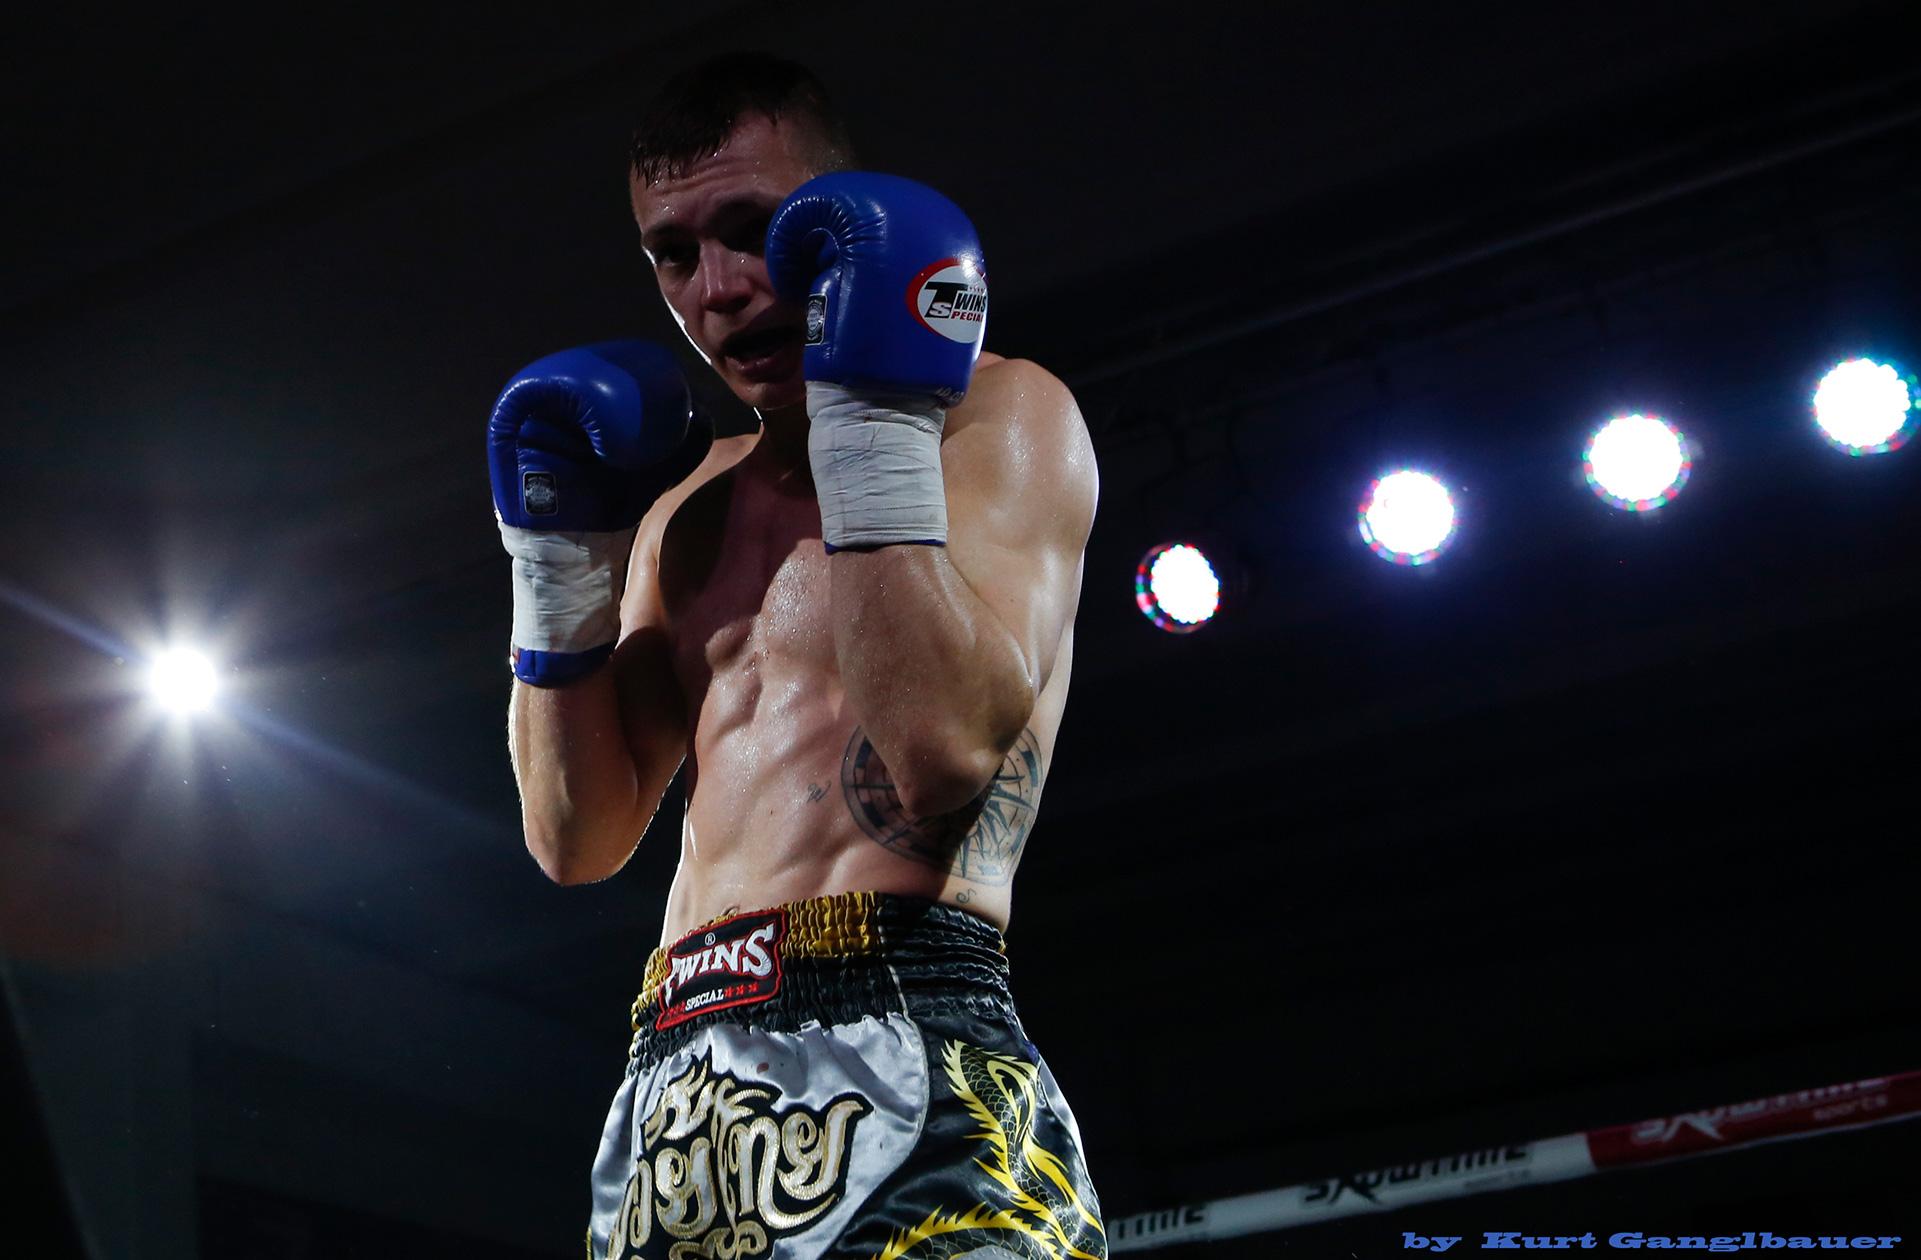 Ein Kämpfer im Ring mit Scheinwerfern beleuchtet.